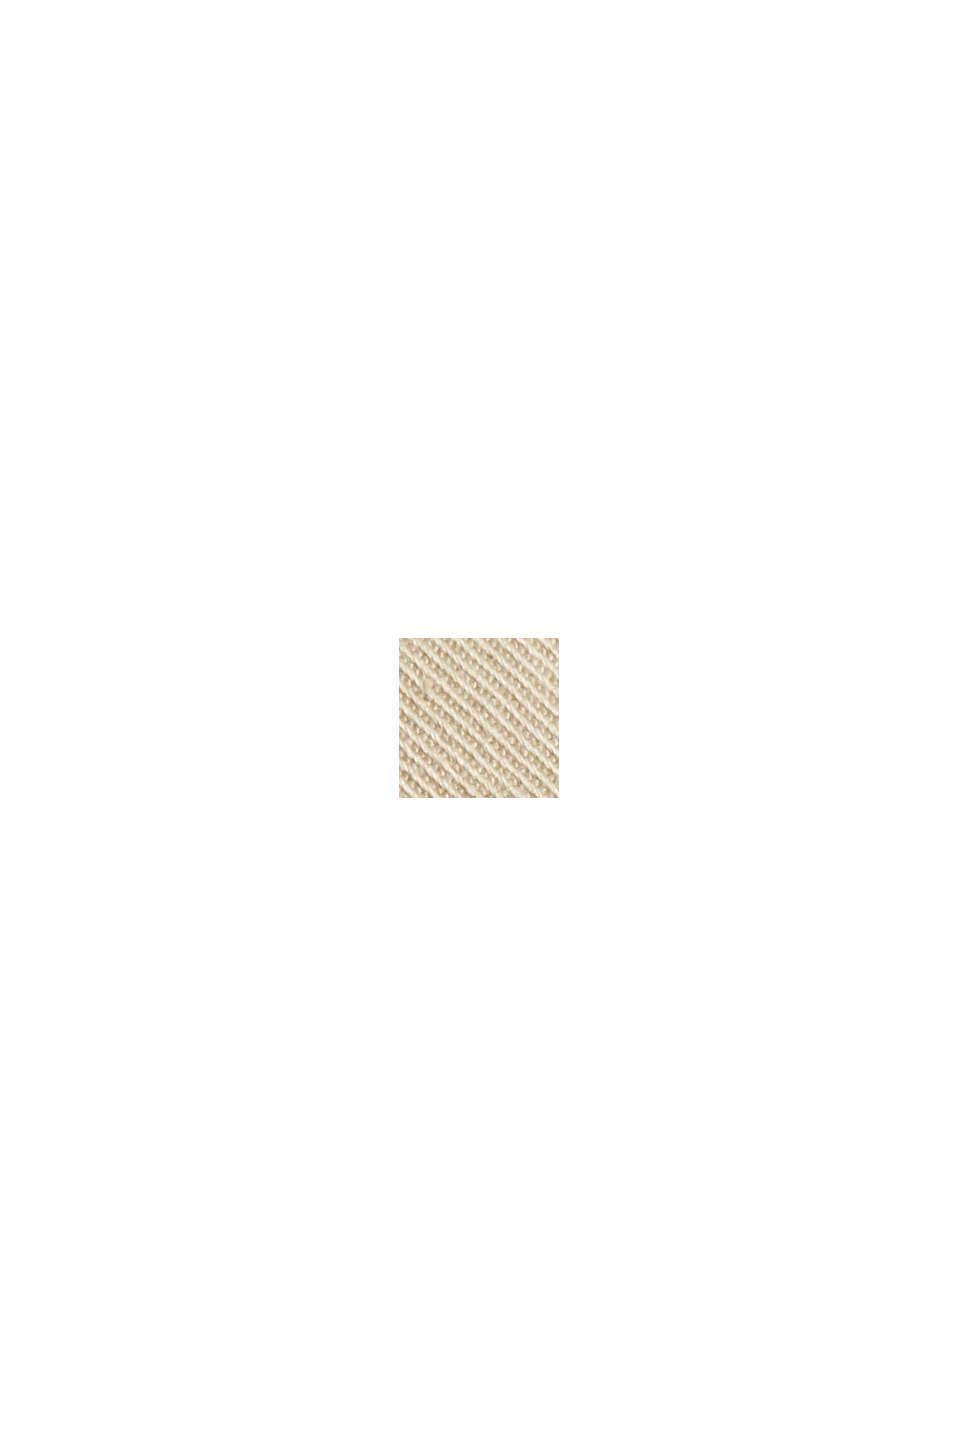 Nilkkapituiset verkkarihousut luomupuuvillaa, BEIGE, swatch